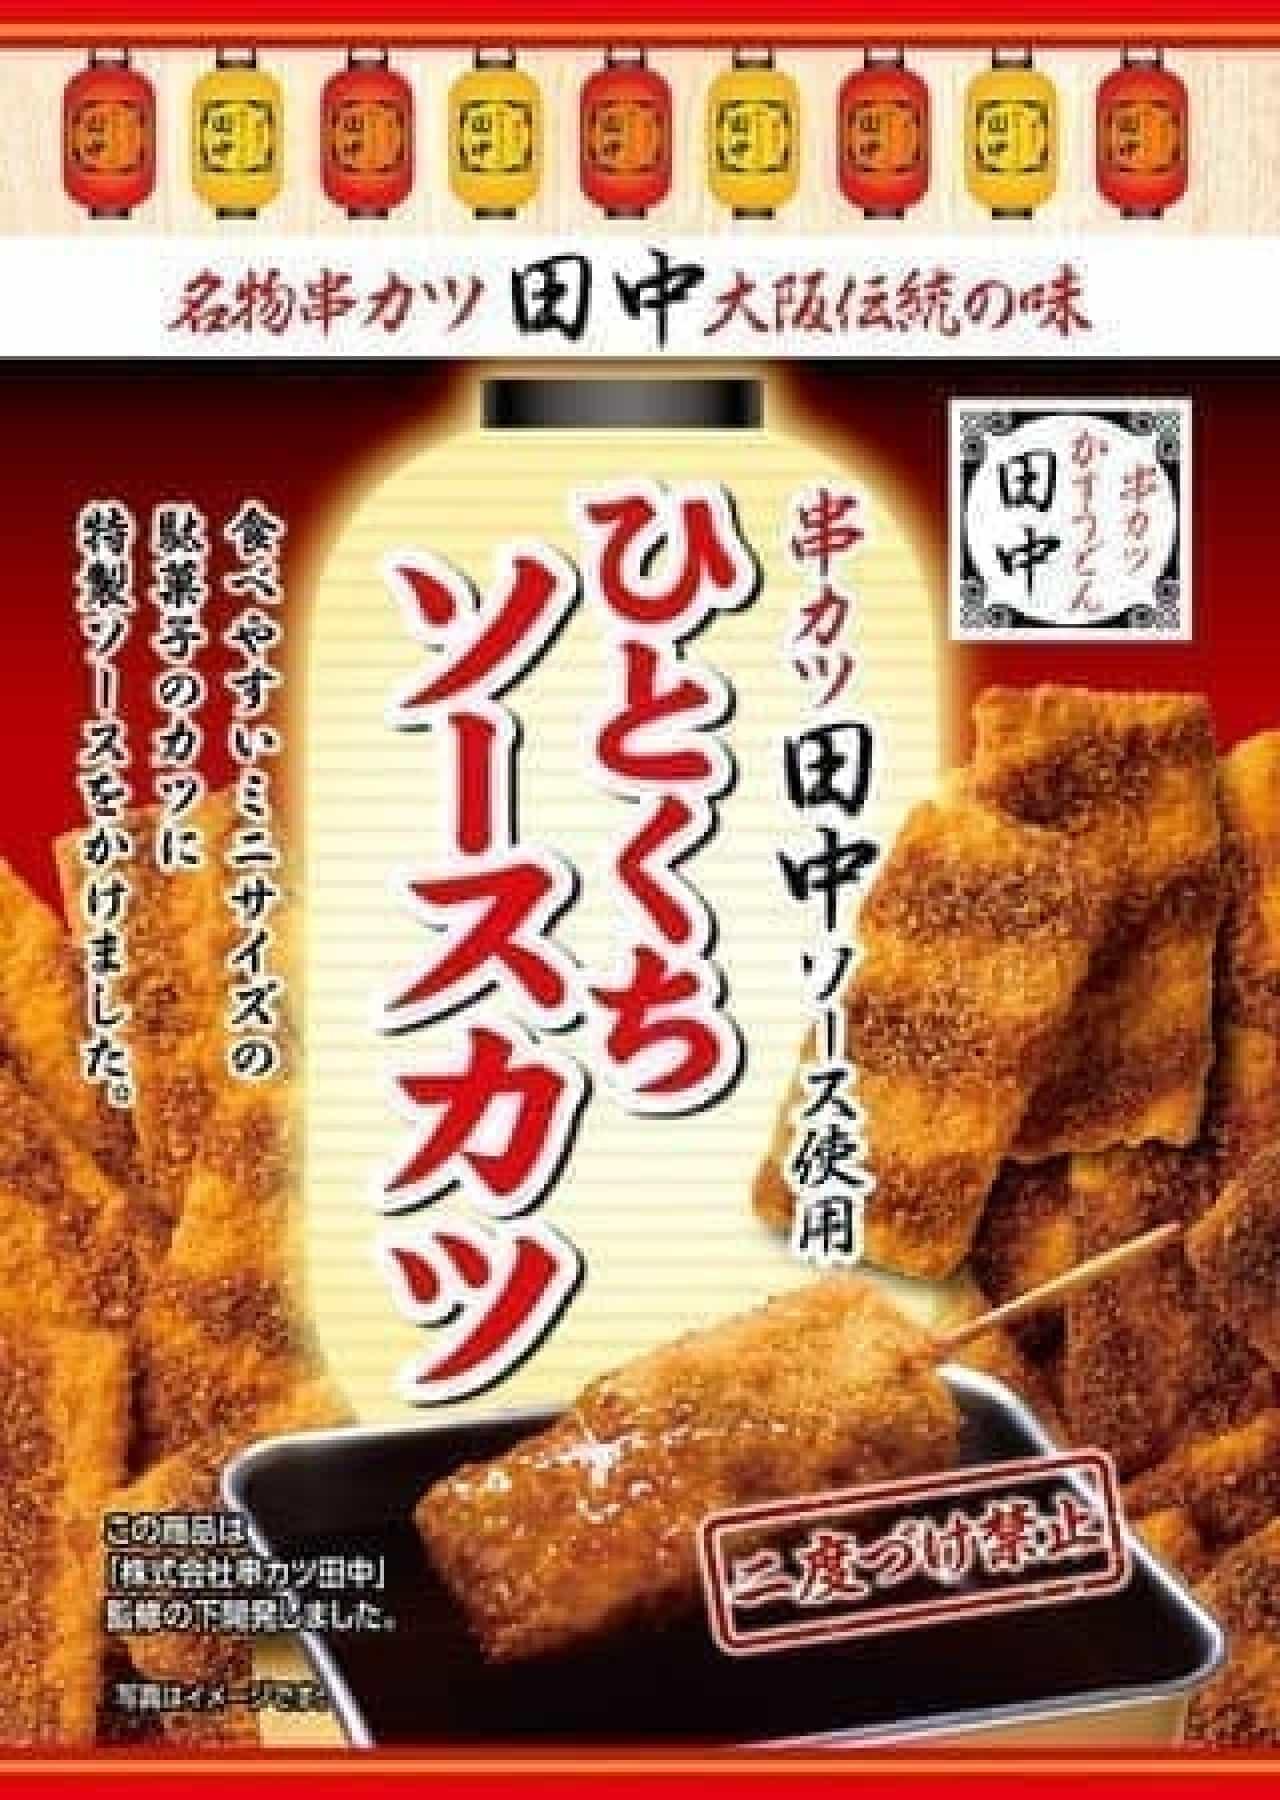 ローソン「ソースカツスナック菓子 ひとくちソースカツスナック 串カツ田中監修」